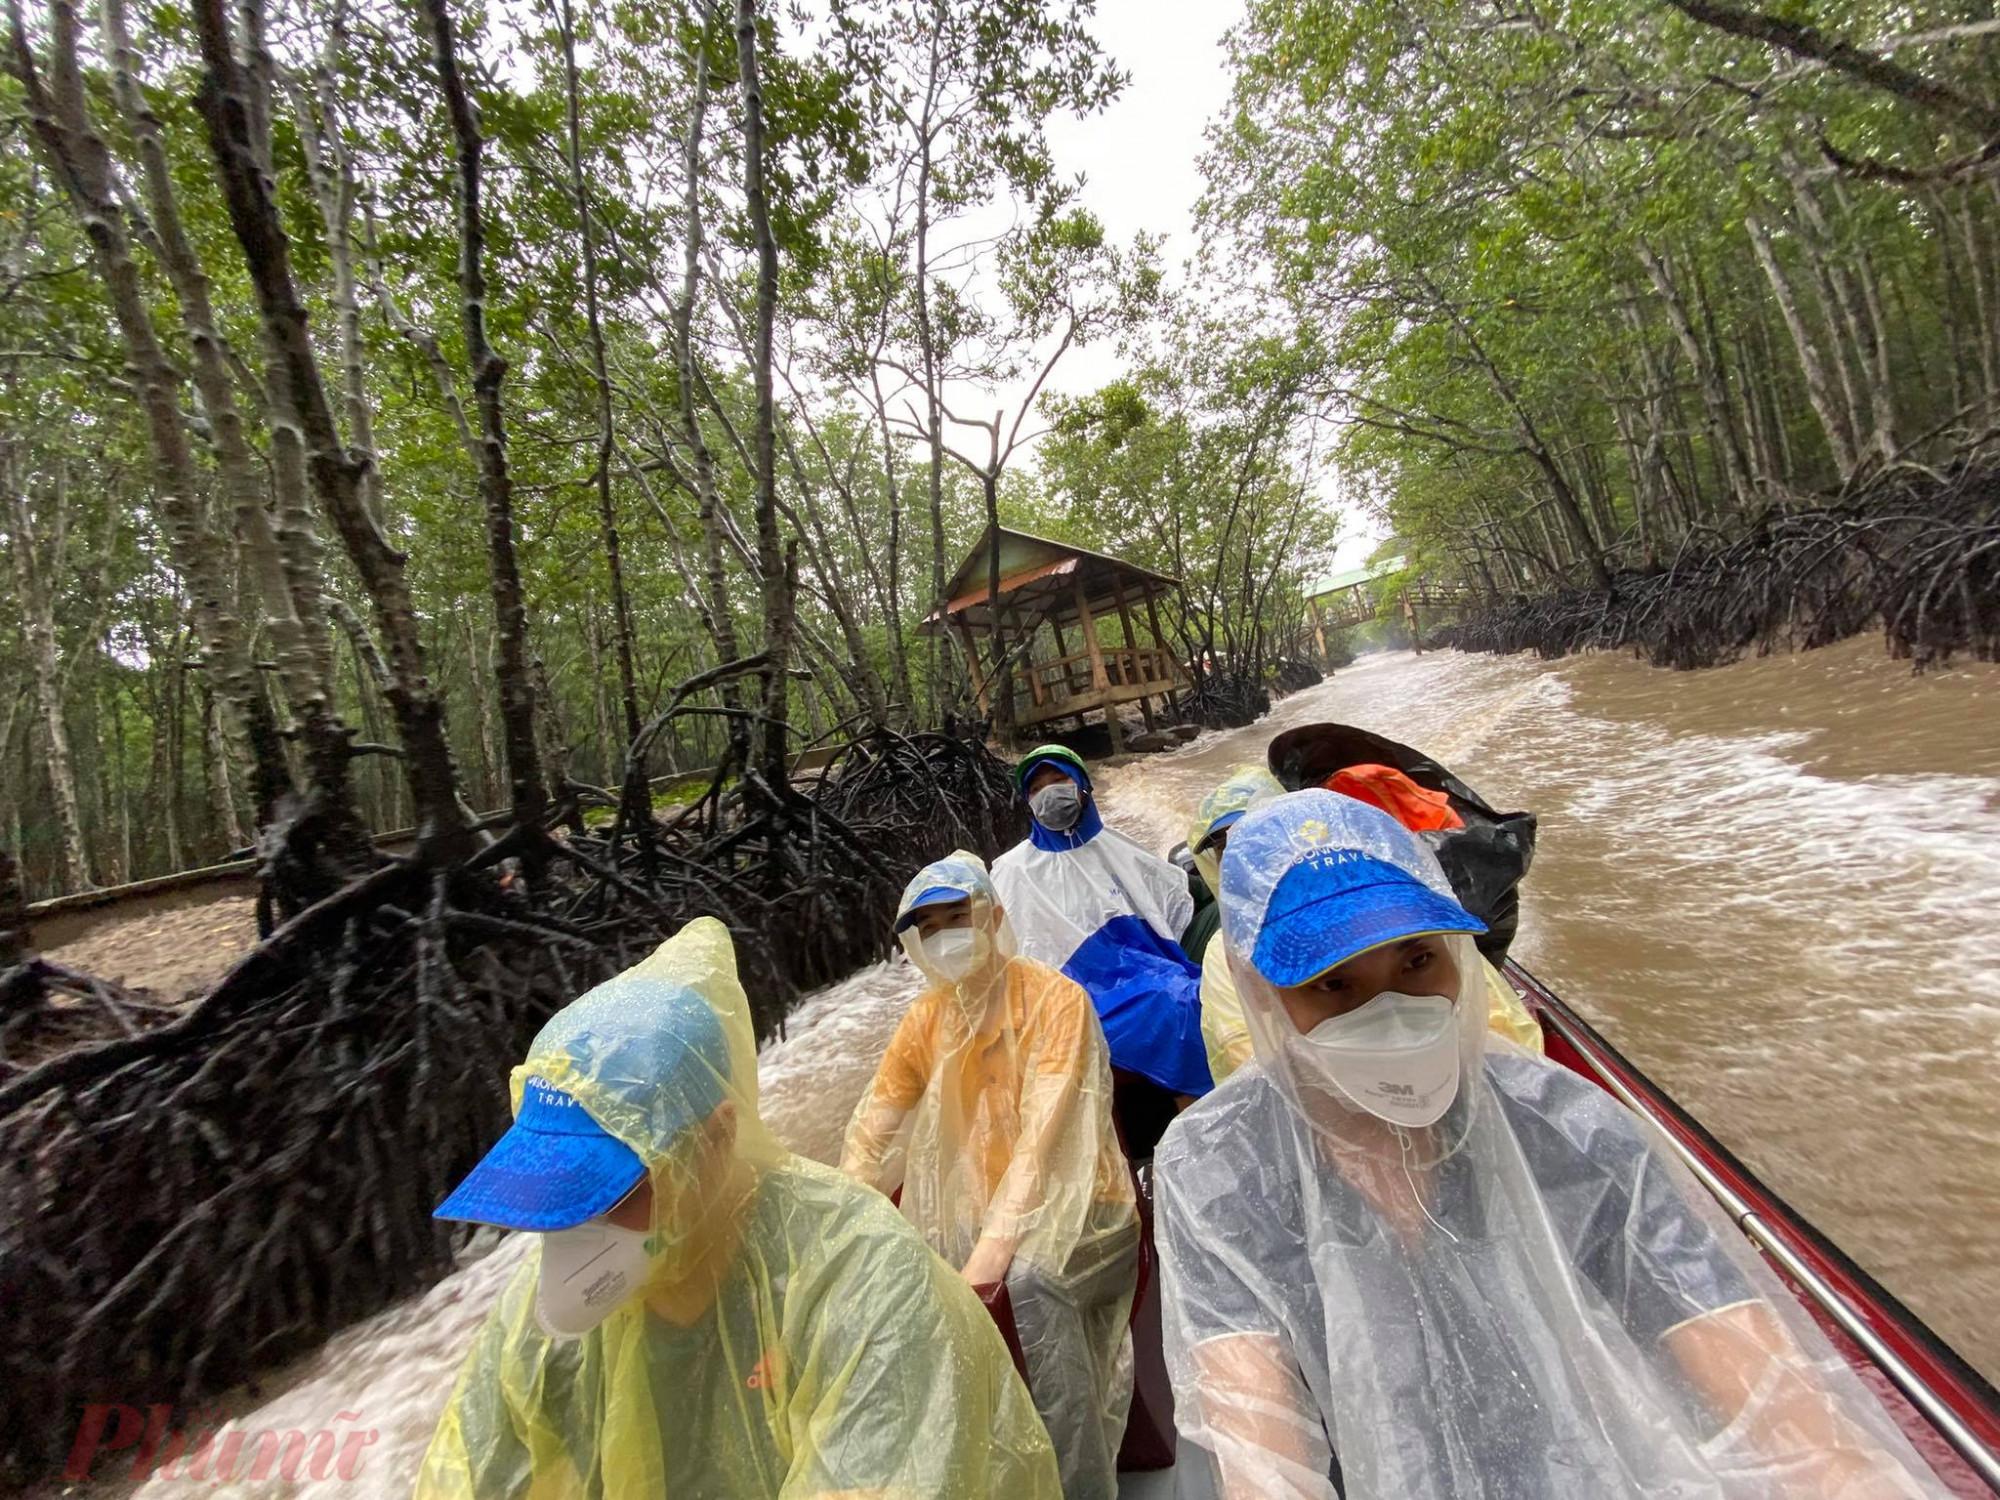 Cơn mưa nặng hạt trong buổi sáng ngày 19/9 ảnh hưởng ít nhiều đến chương trình tham quan Cần Giờ